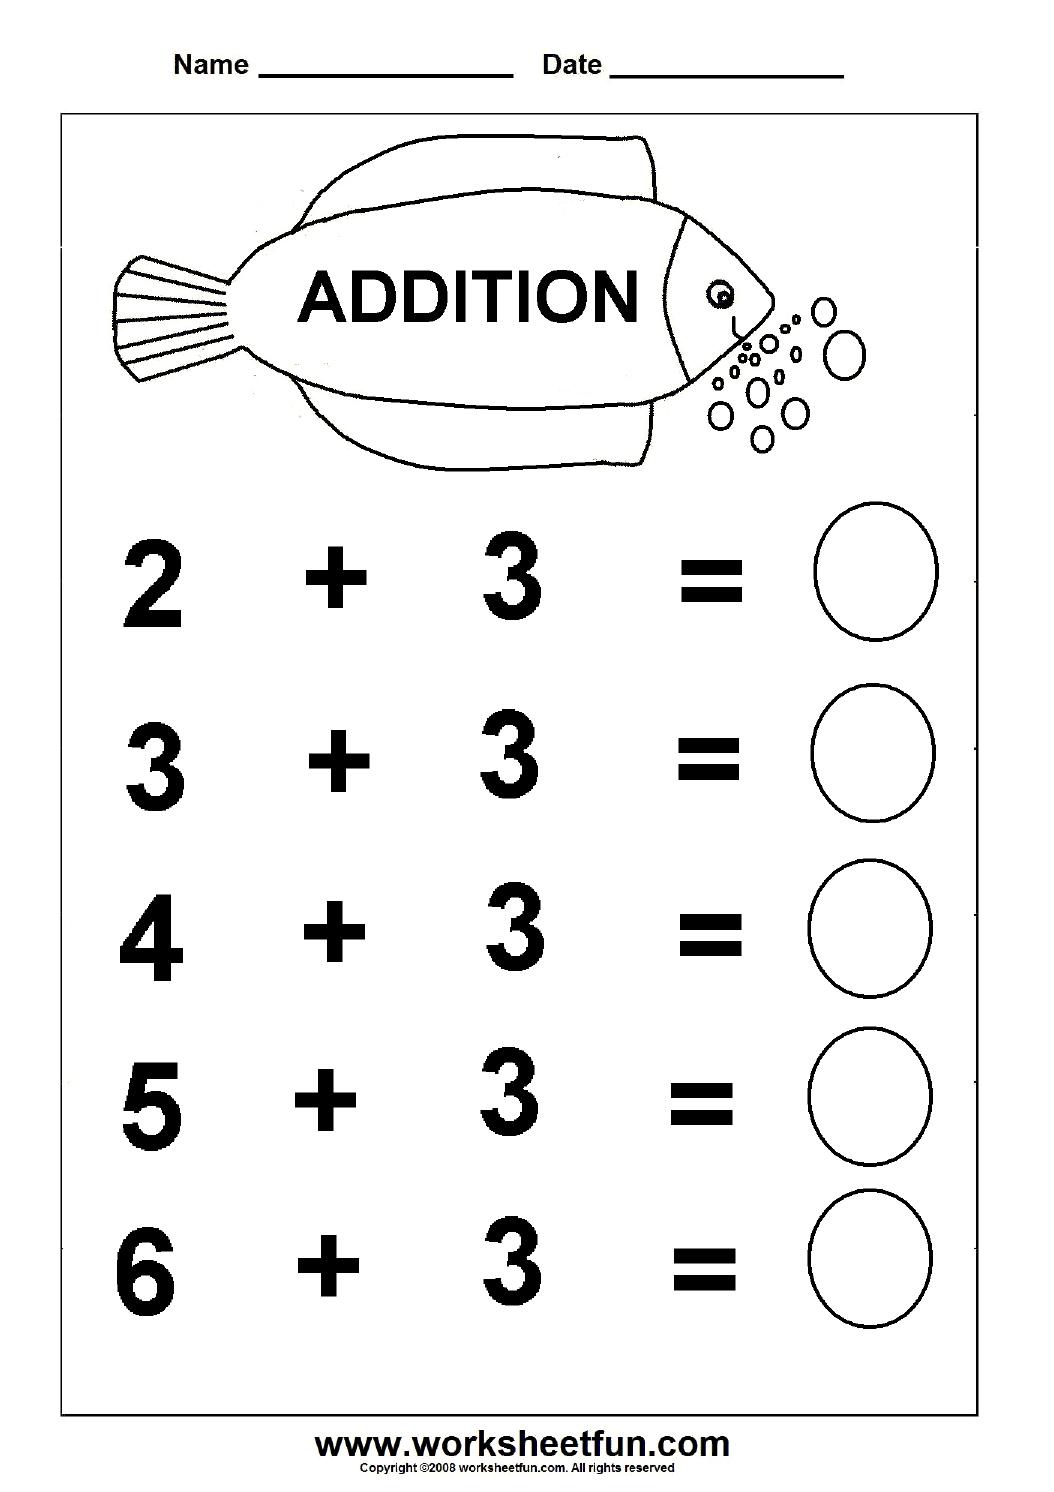 Beginner Addition – 6 Kindergarten Addition Worksheets / Free - Free Printable Sheets For Kindergarten